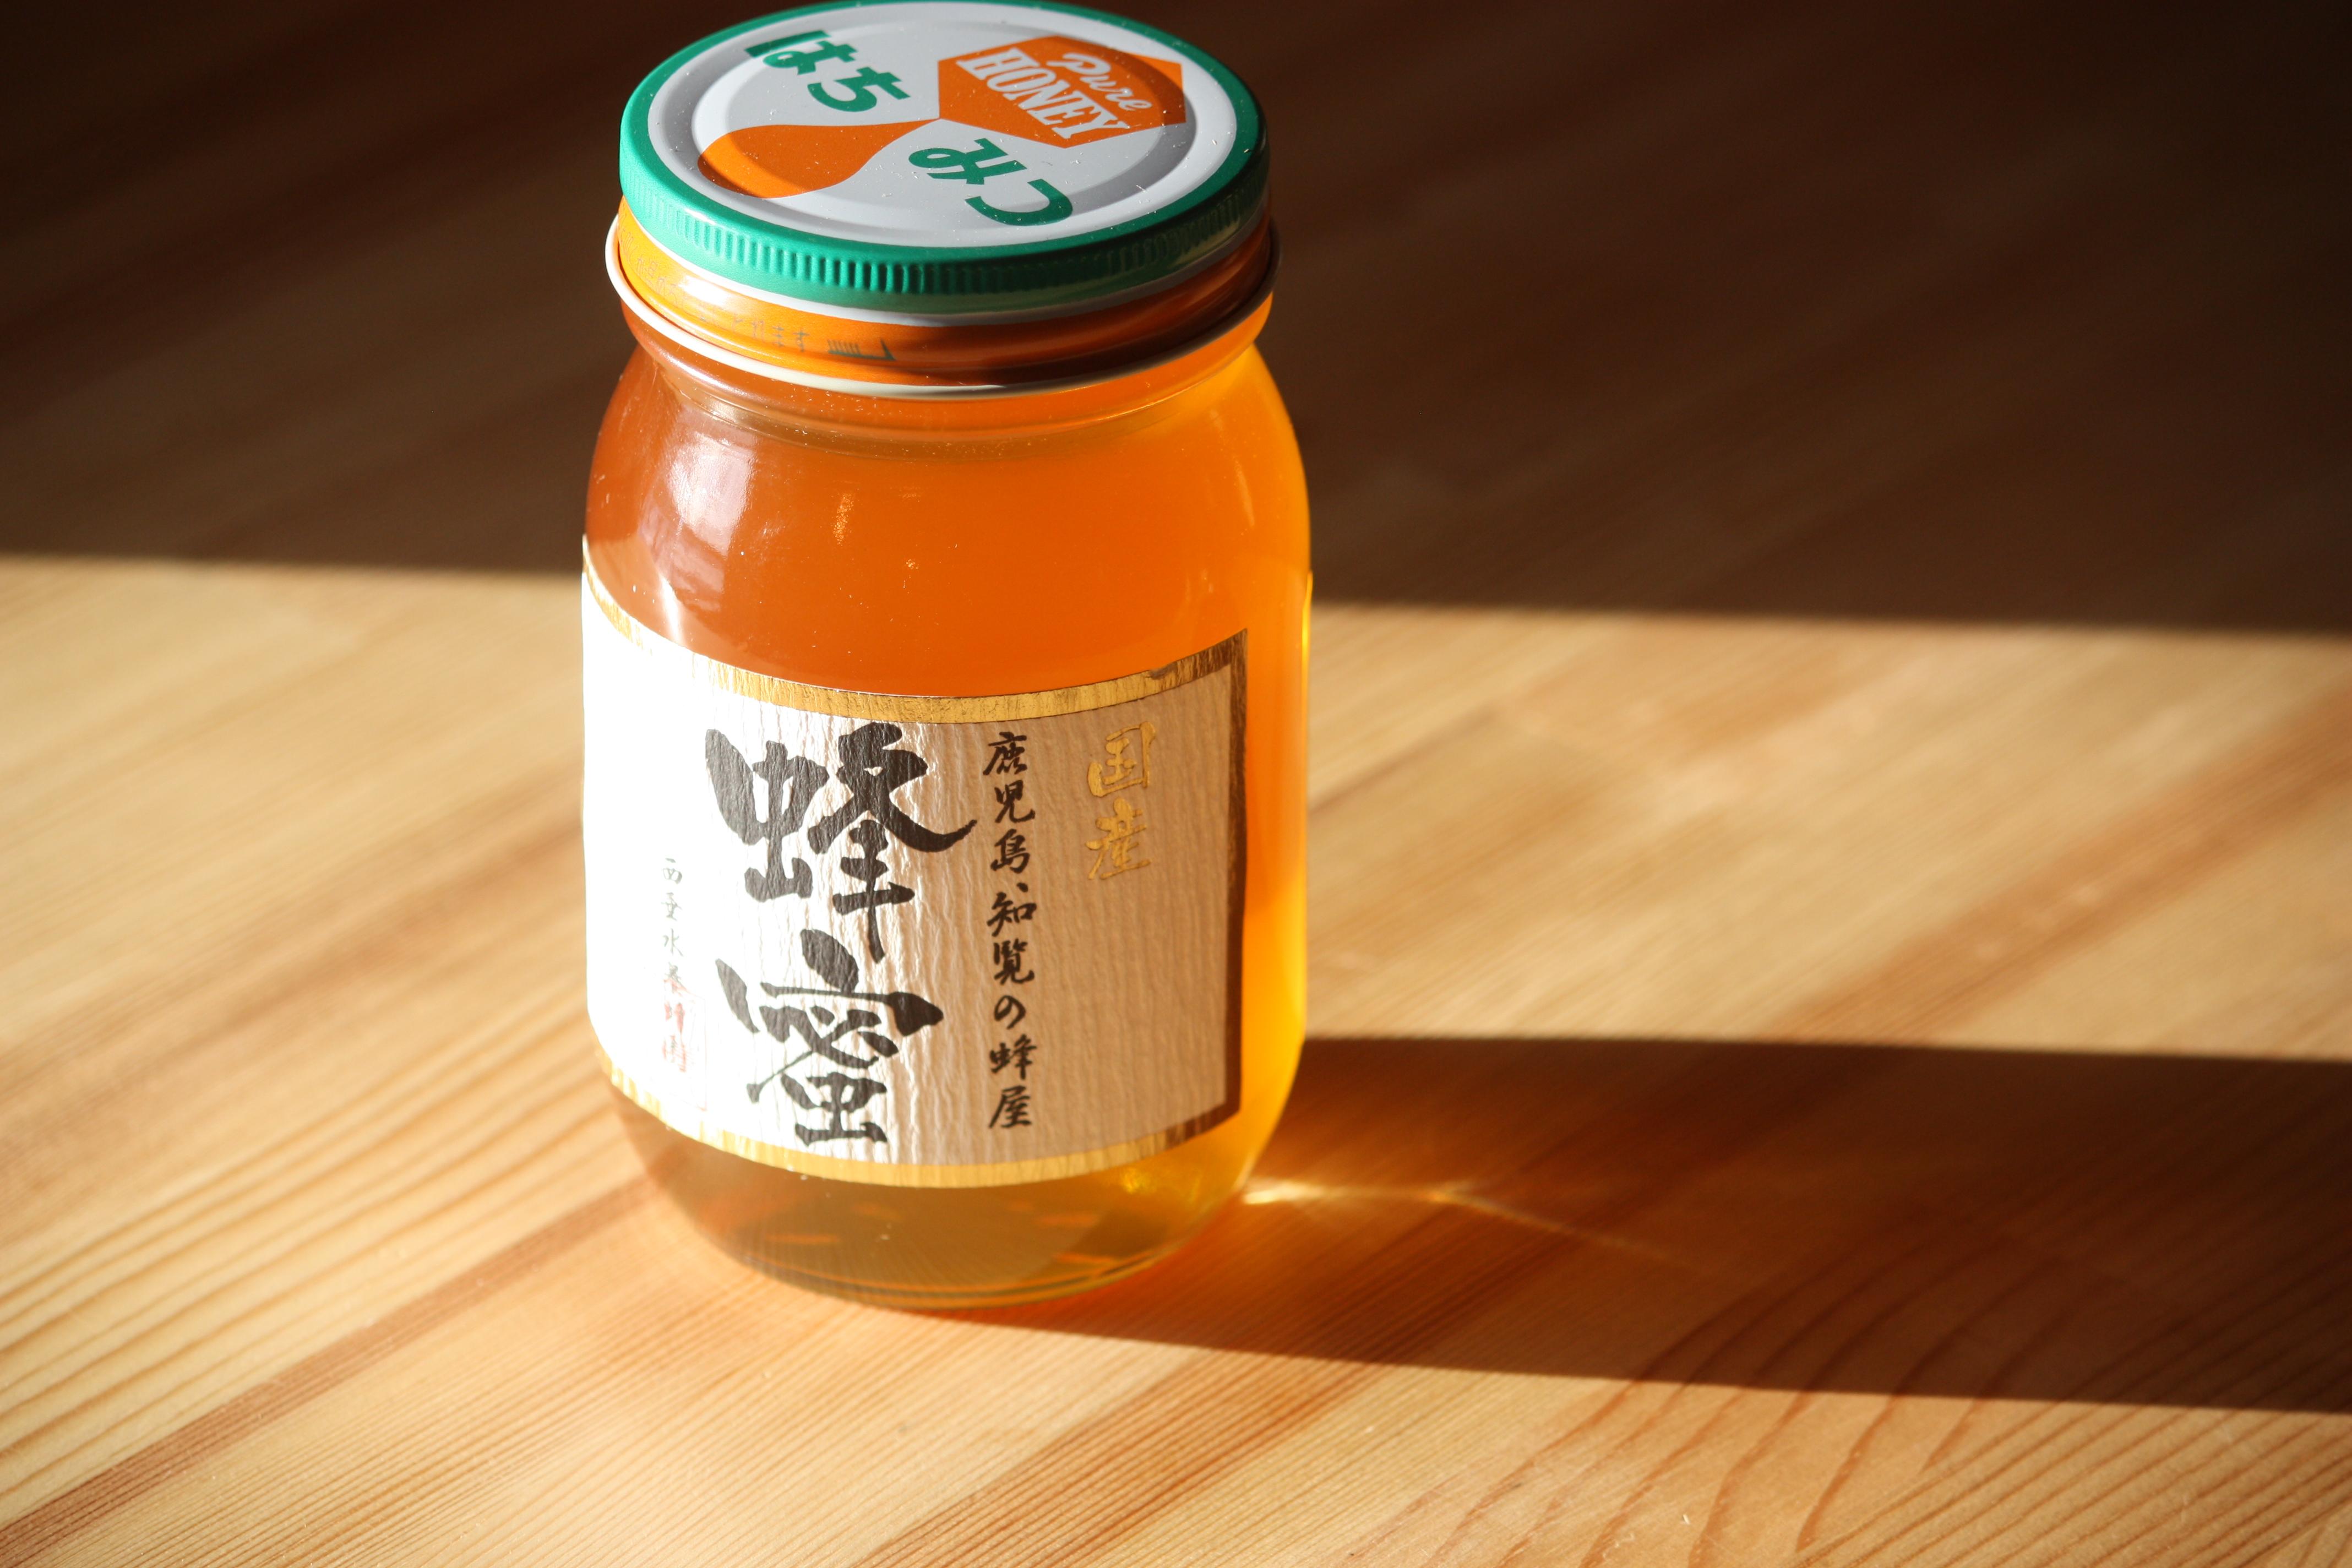 国産レンゲ蜂蜜 600g 鹿児島県産